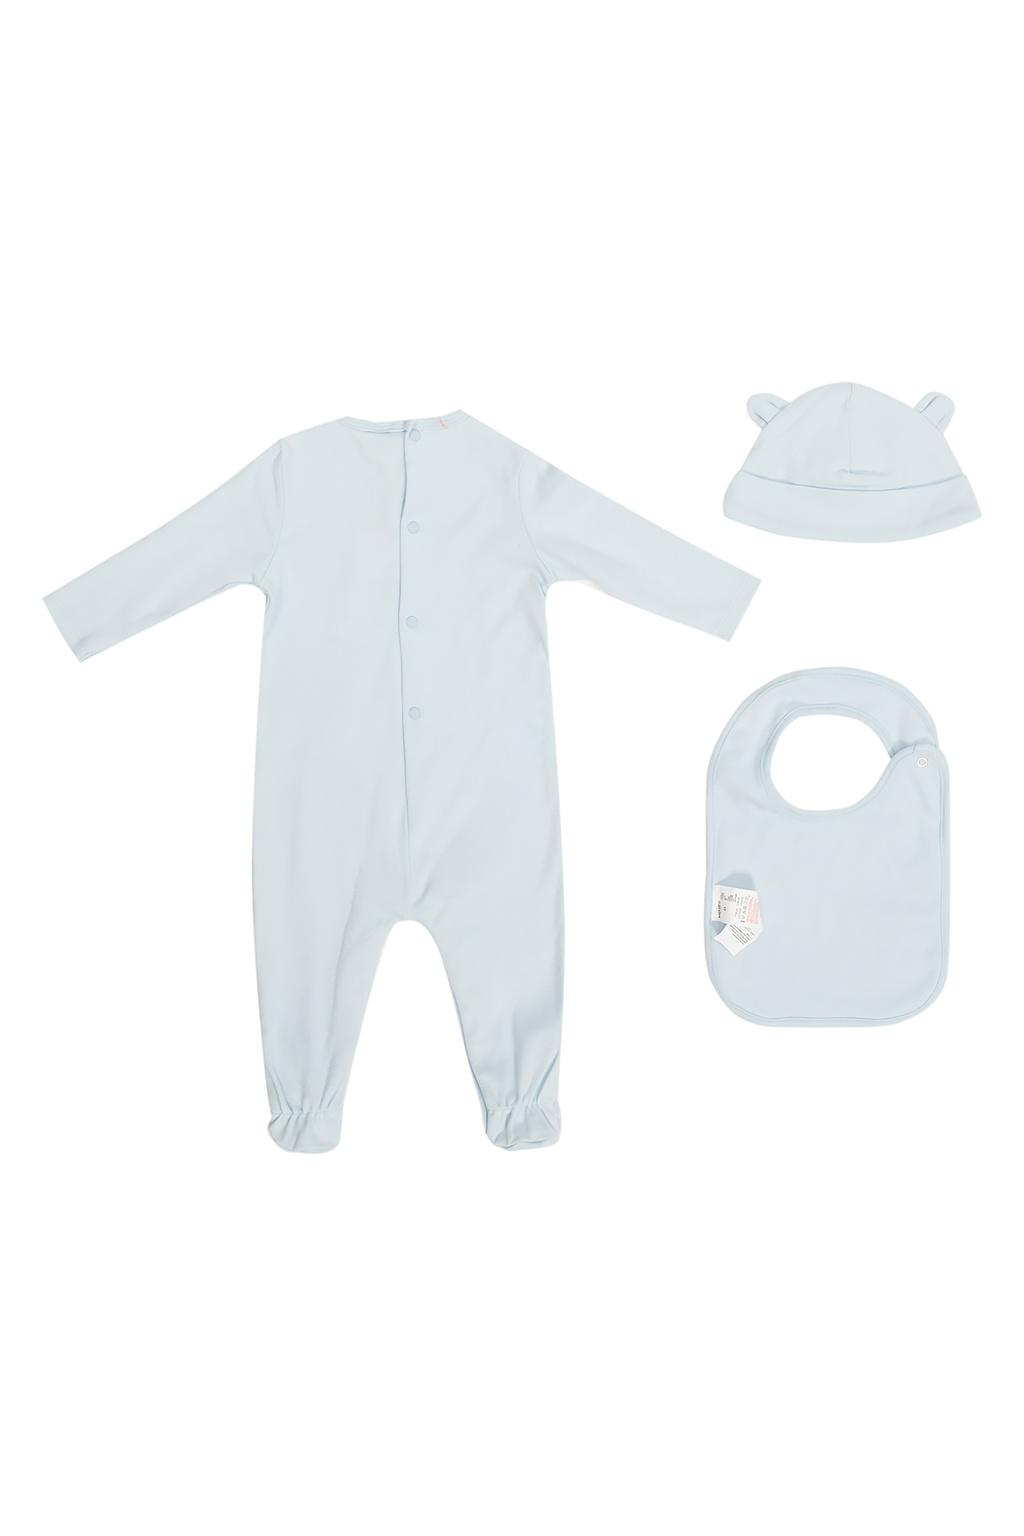 Kenzo Kids Romper suit, hat & bib set